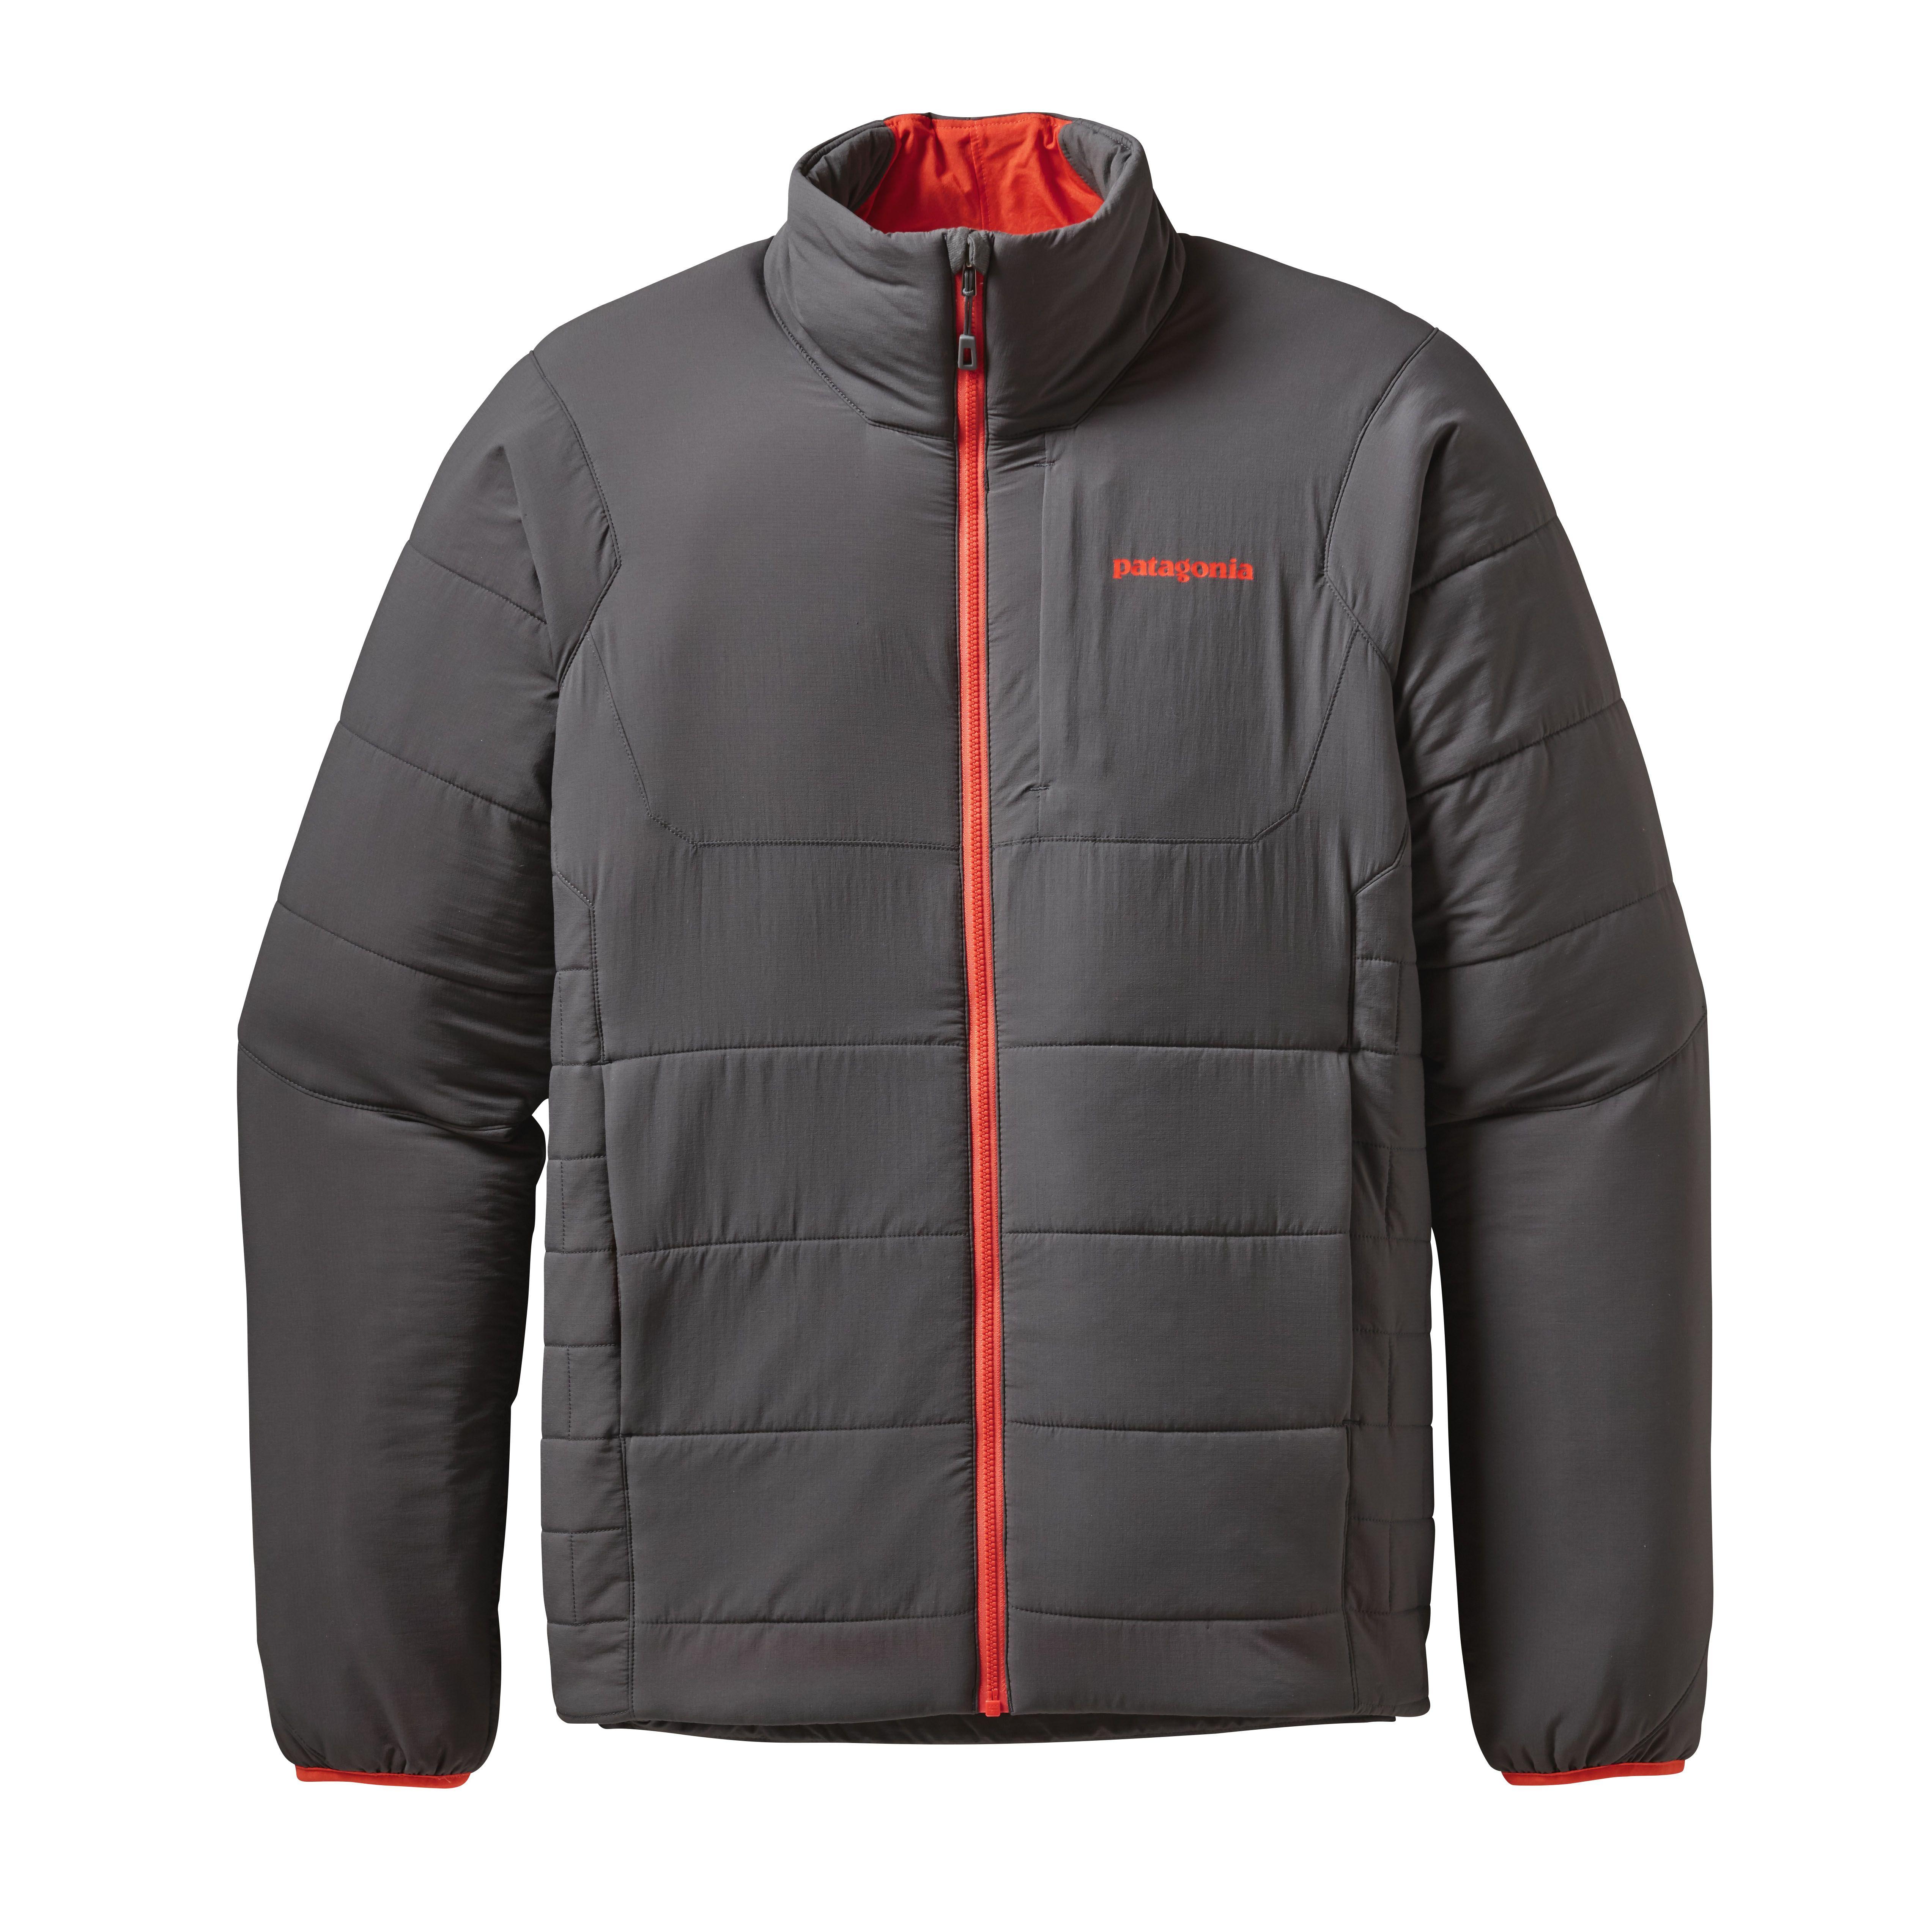 Patagonia Mens Nano Air Jacket Insulated jackets